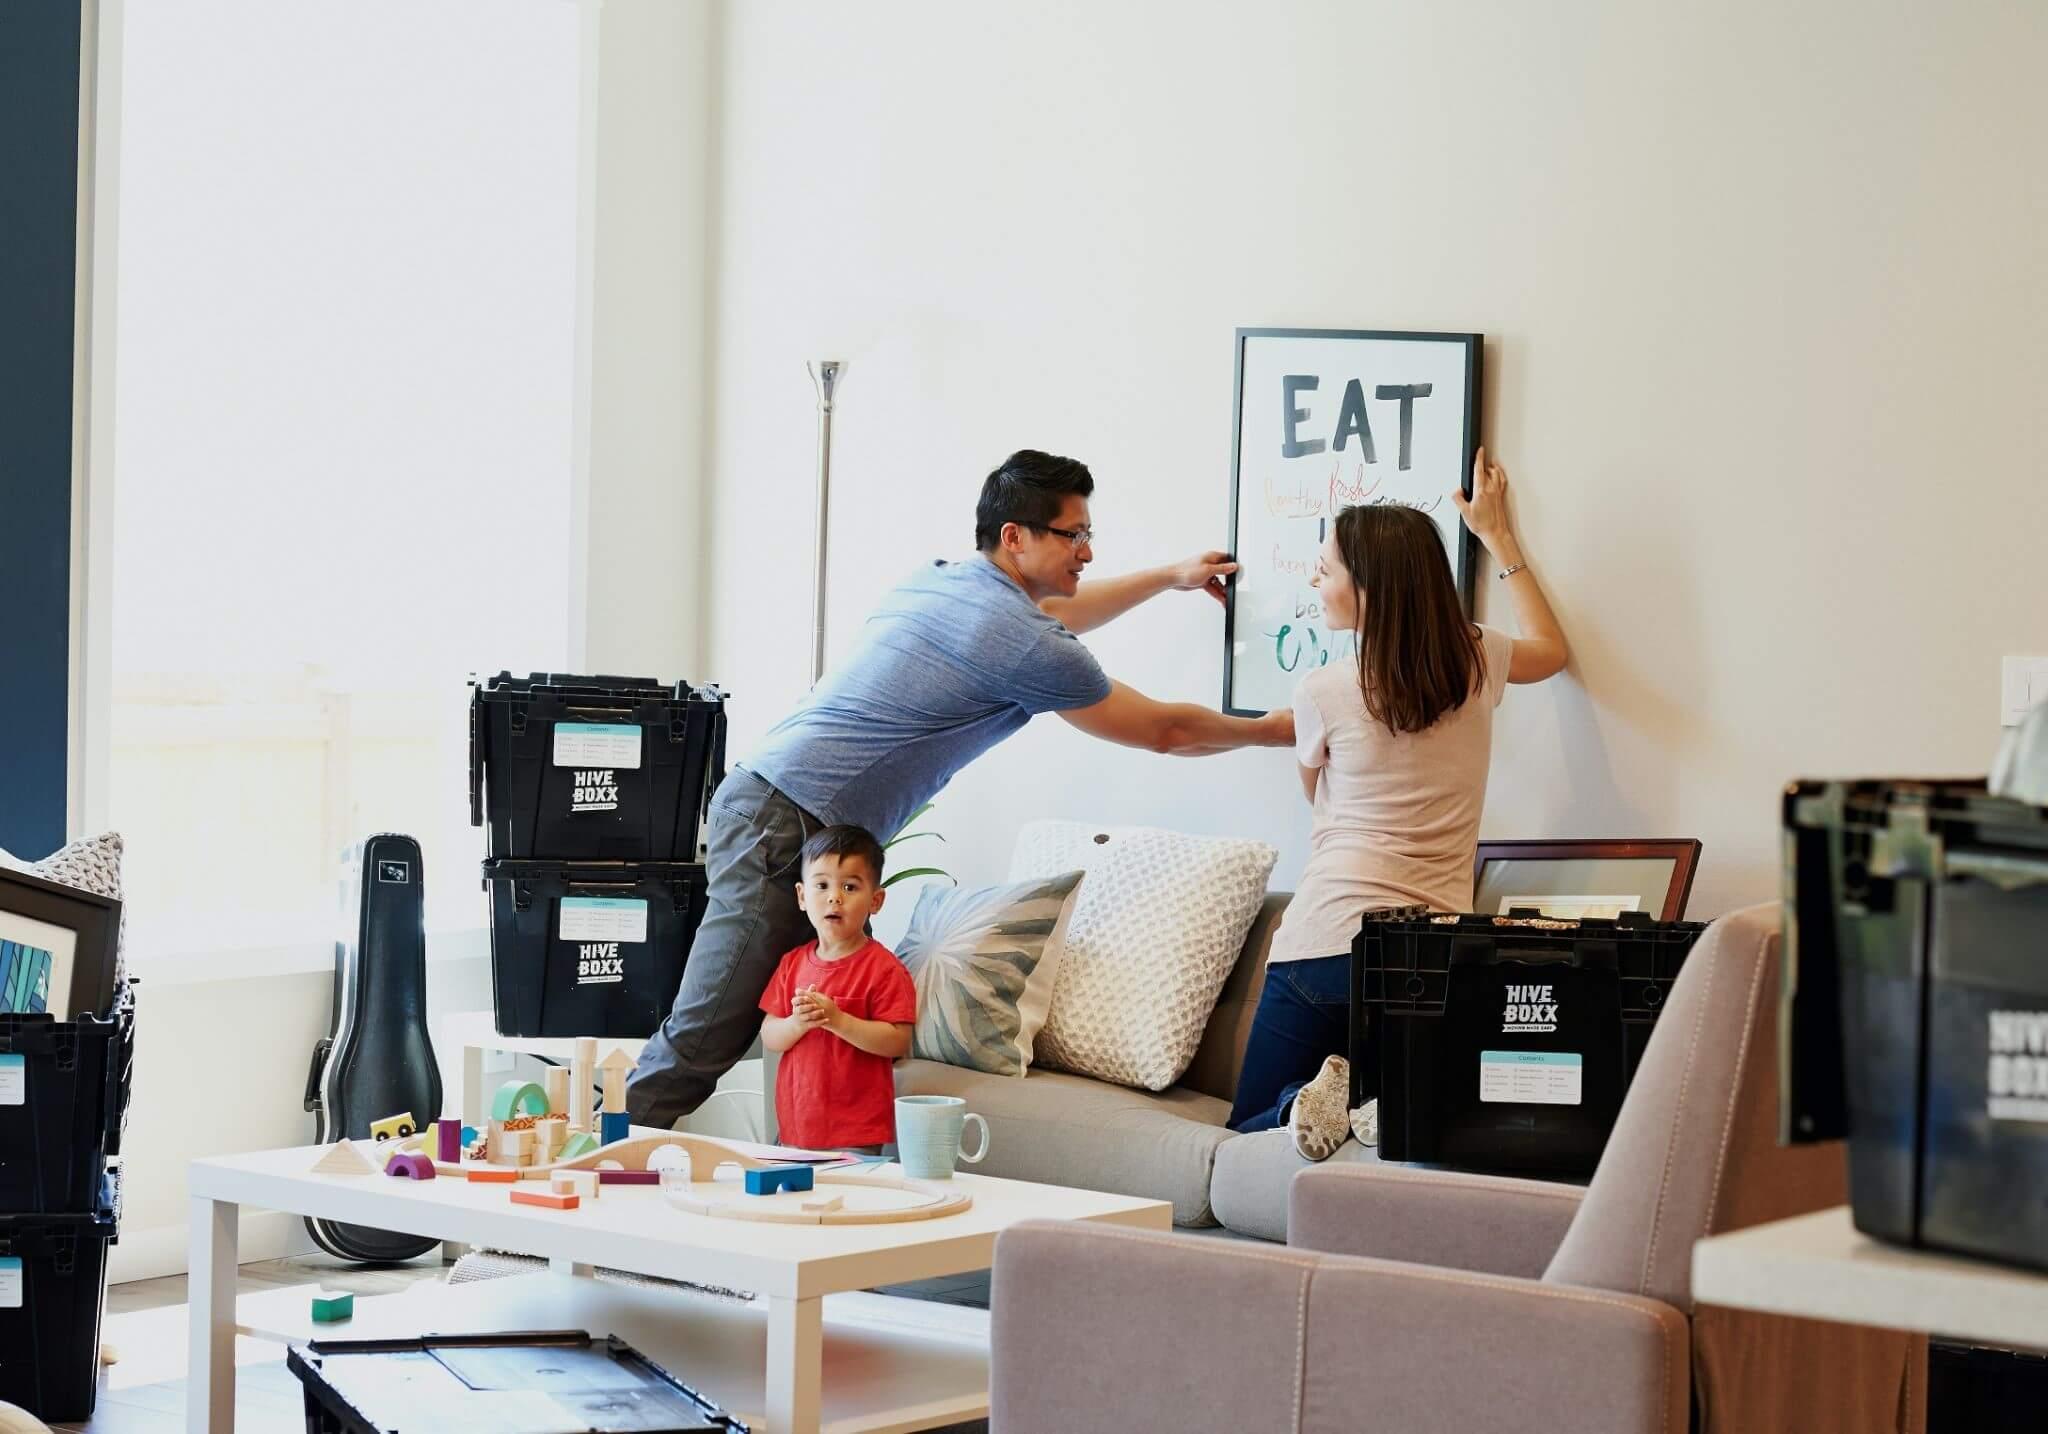 7 dolog, amit érdemes átgondolni, mielőtt nekivág a költözésnek